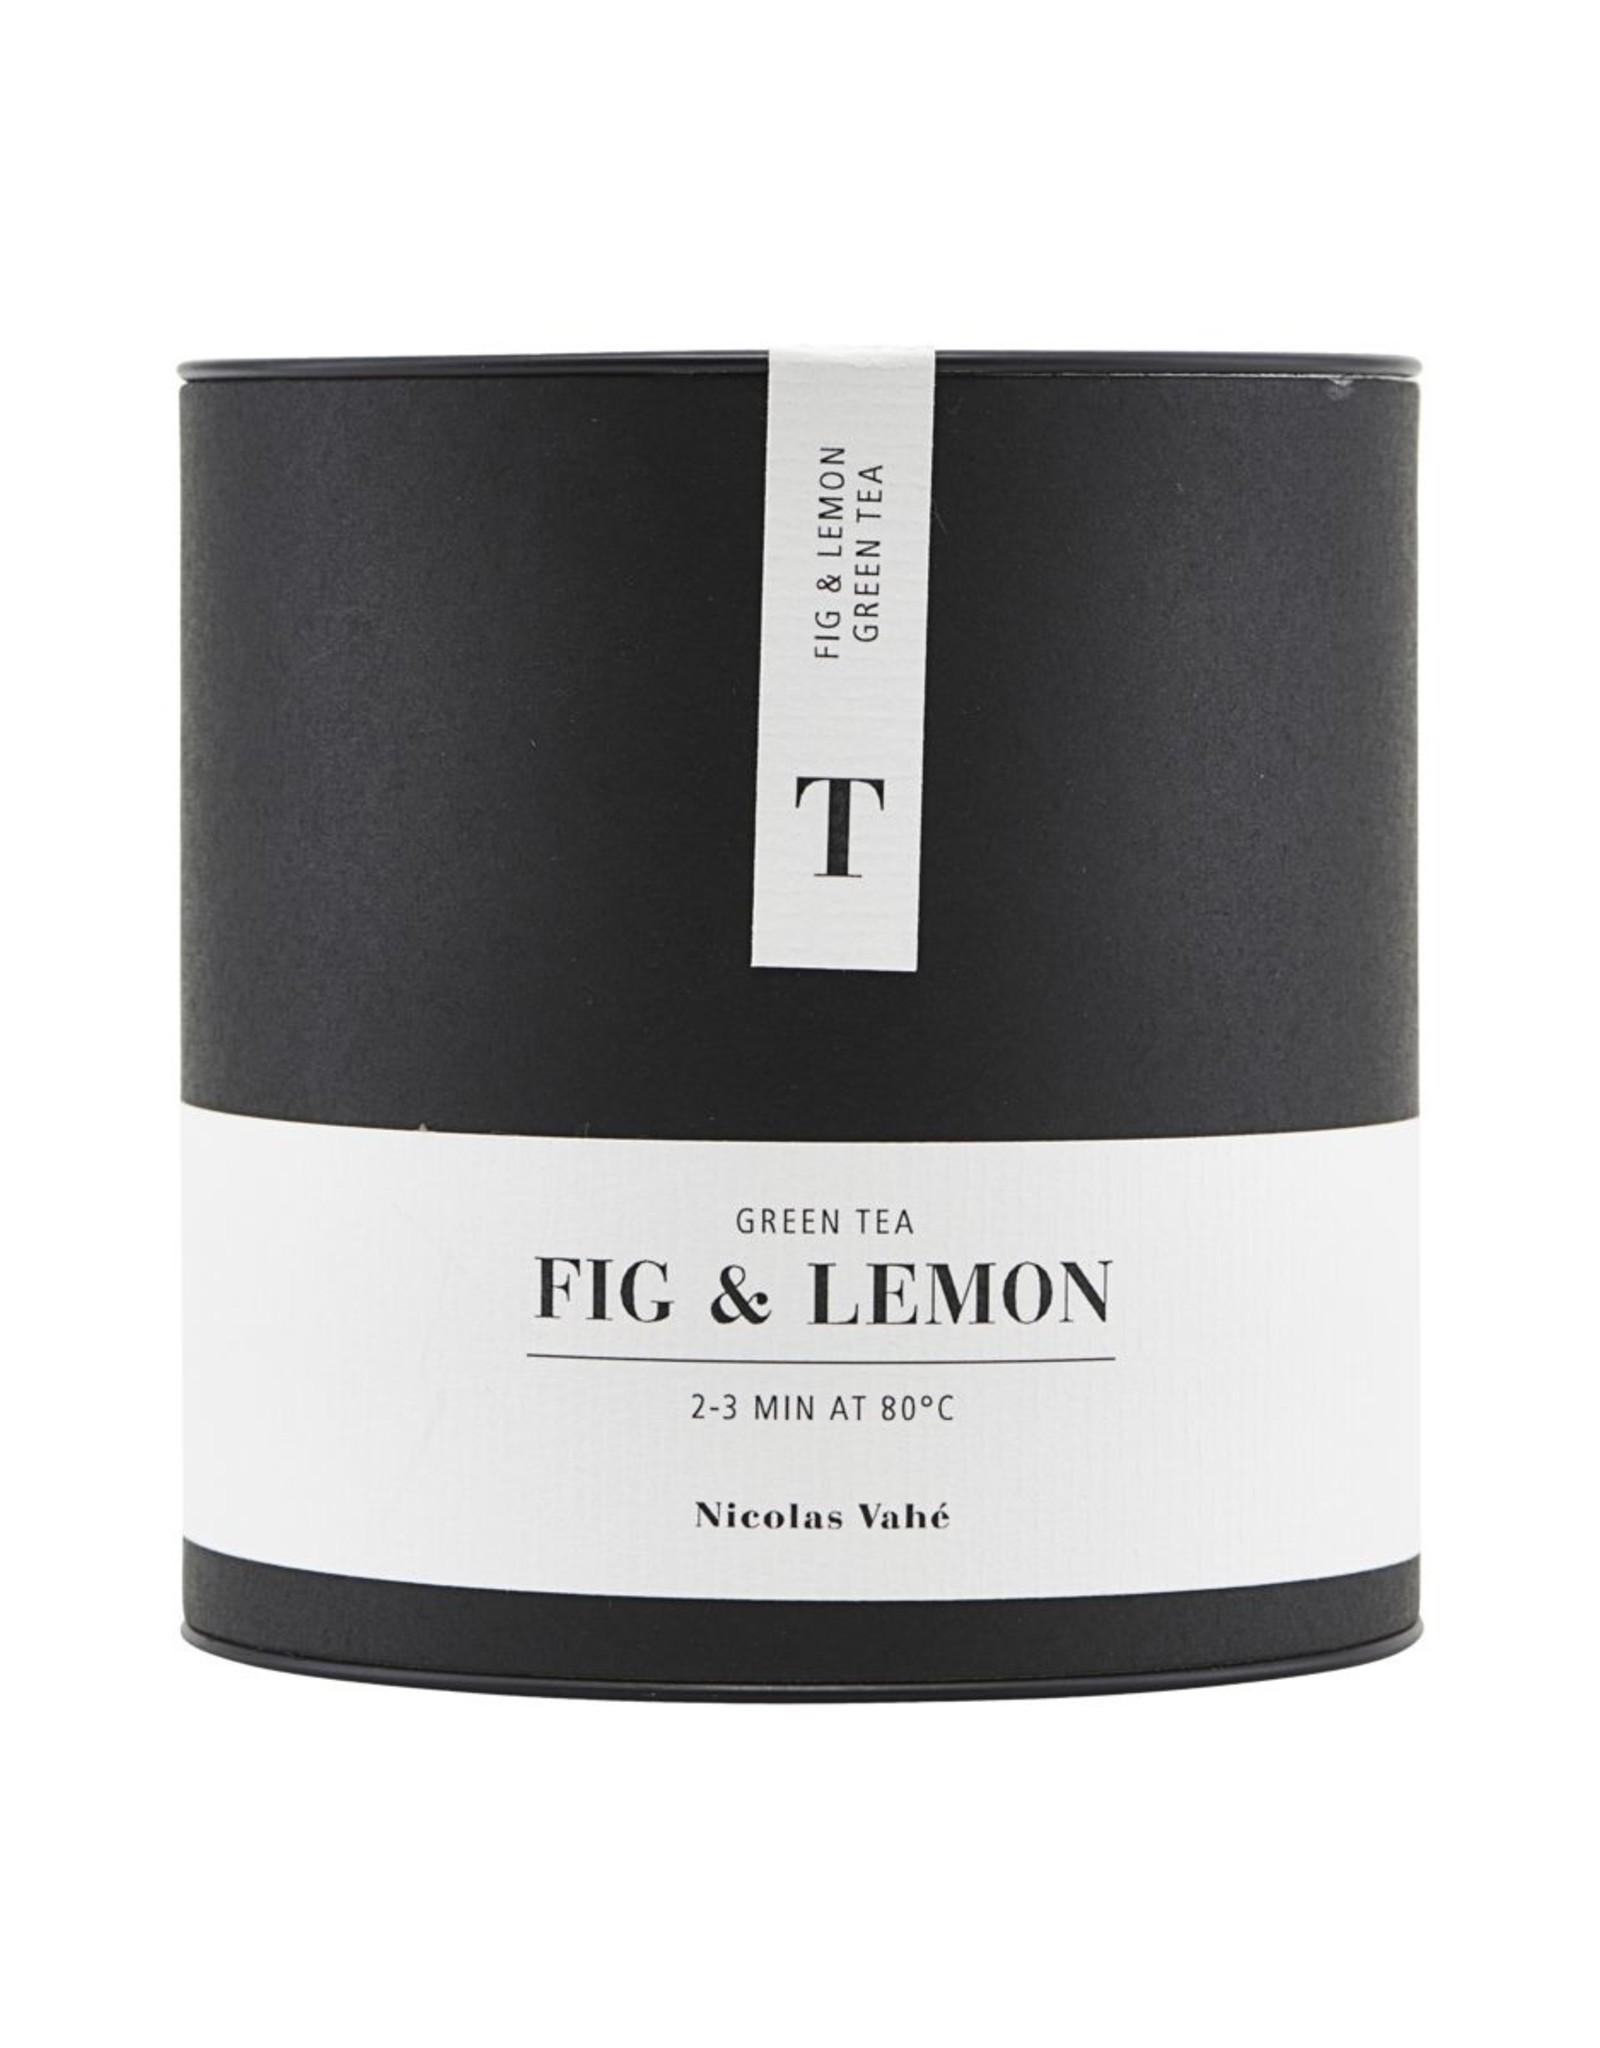 Nicolas Vahe Green tea Fig & Lemon